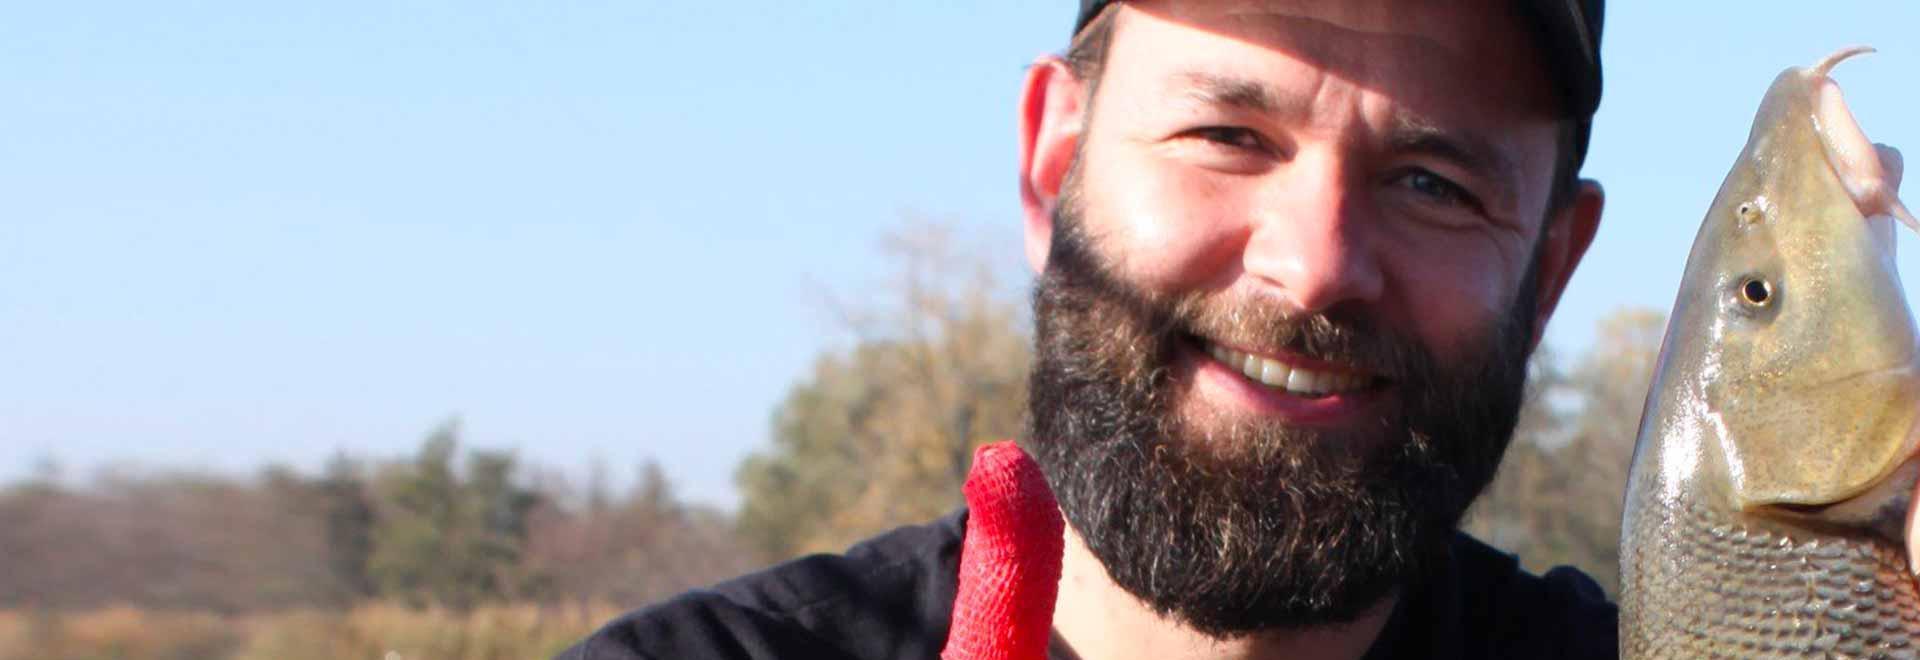 Grossi barbi sull'Adda a primavera